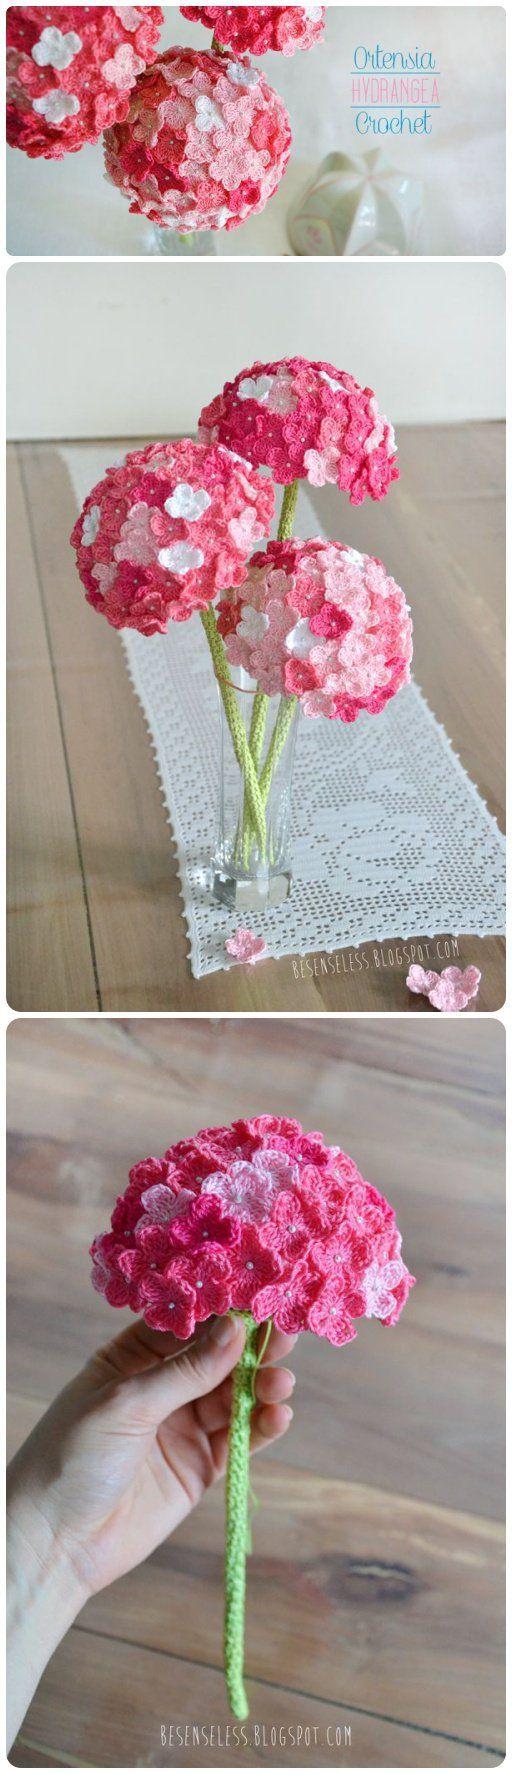 Crochet Hydrangea Flower with Free Pattern